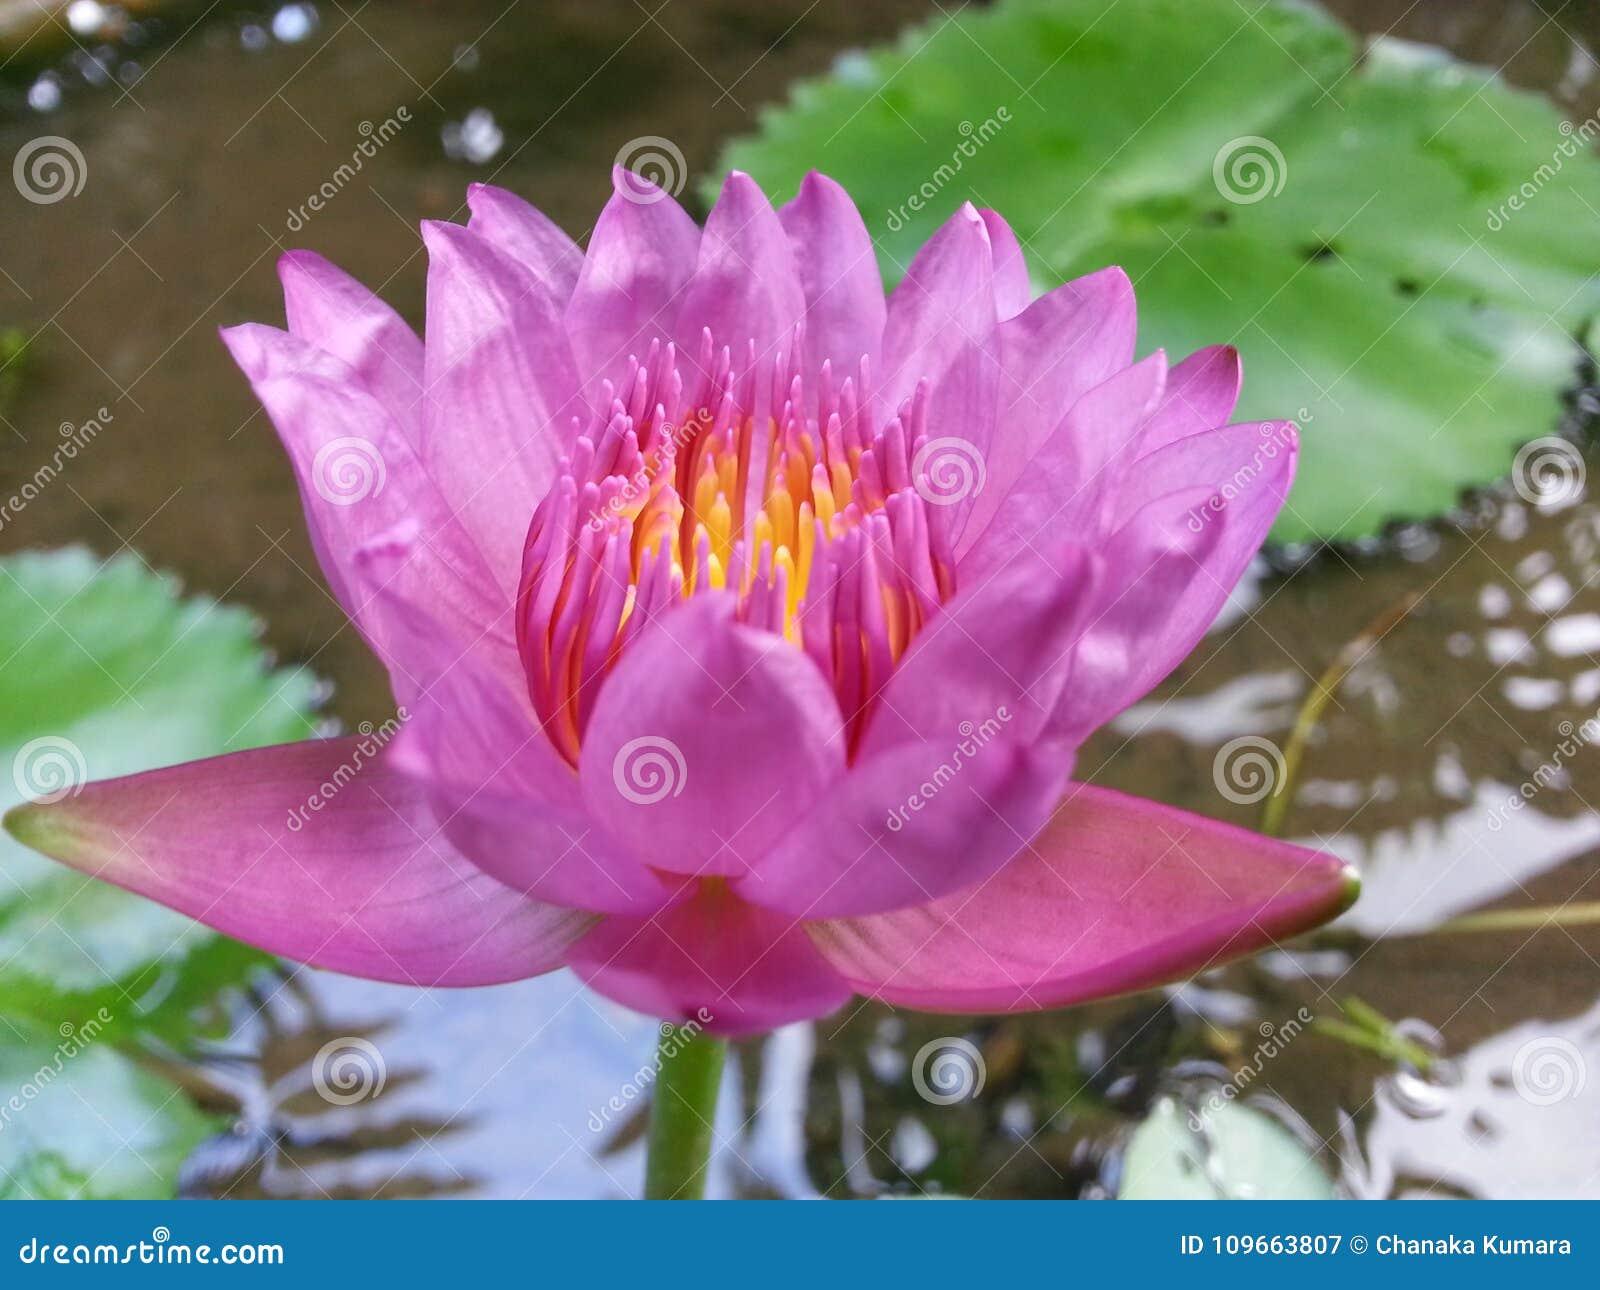 Acqua naturale lily flower di colore di rosa della sri lanka acqua naturale lily flower di colore di rosa della sri lanka izmirmasajfo